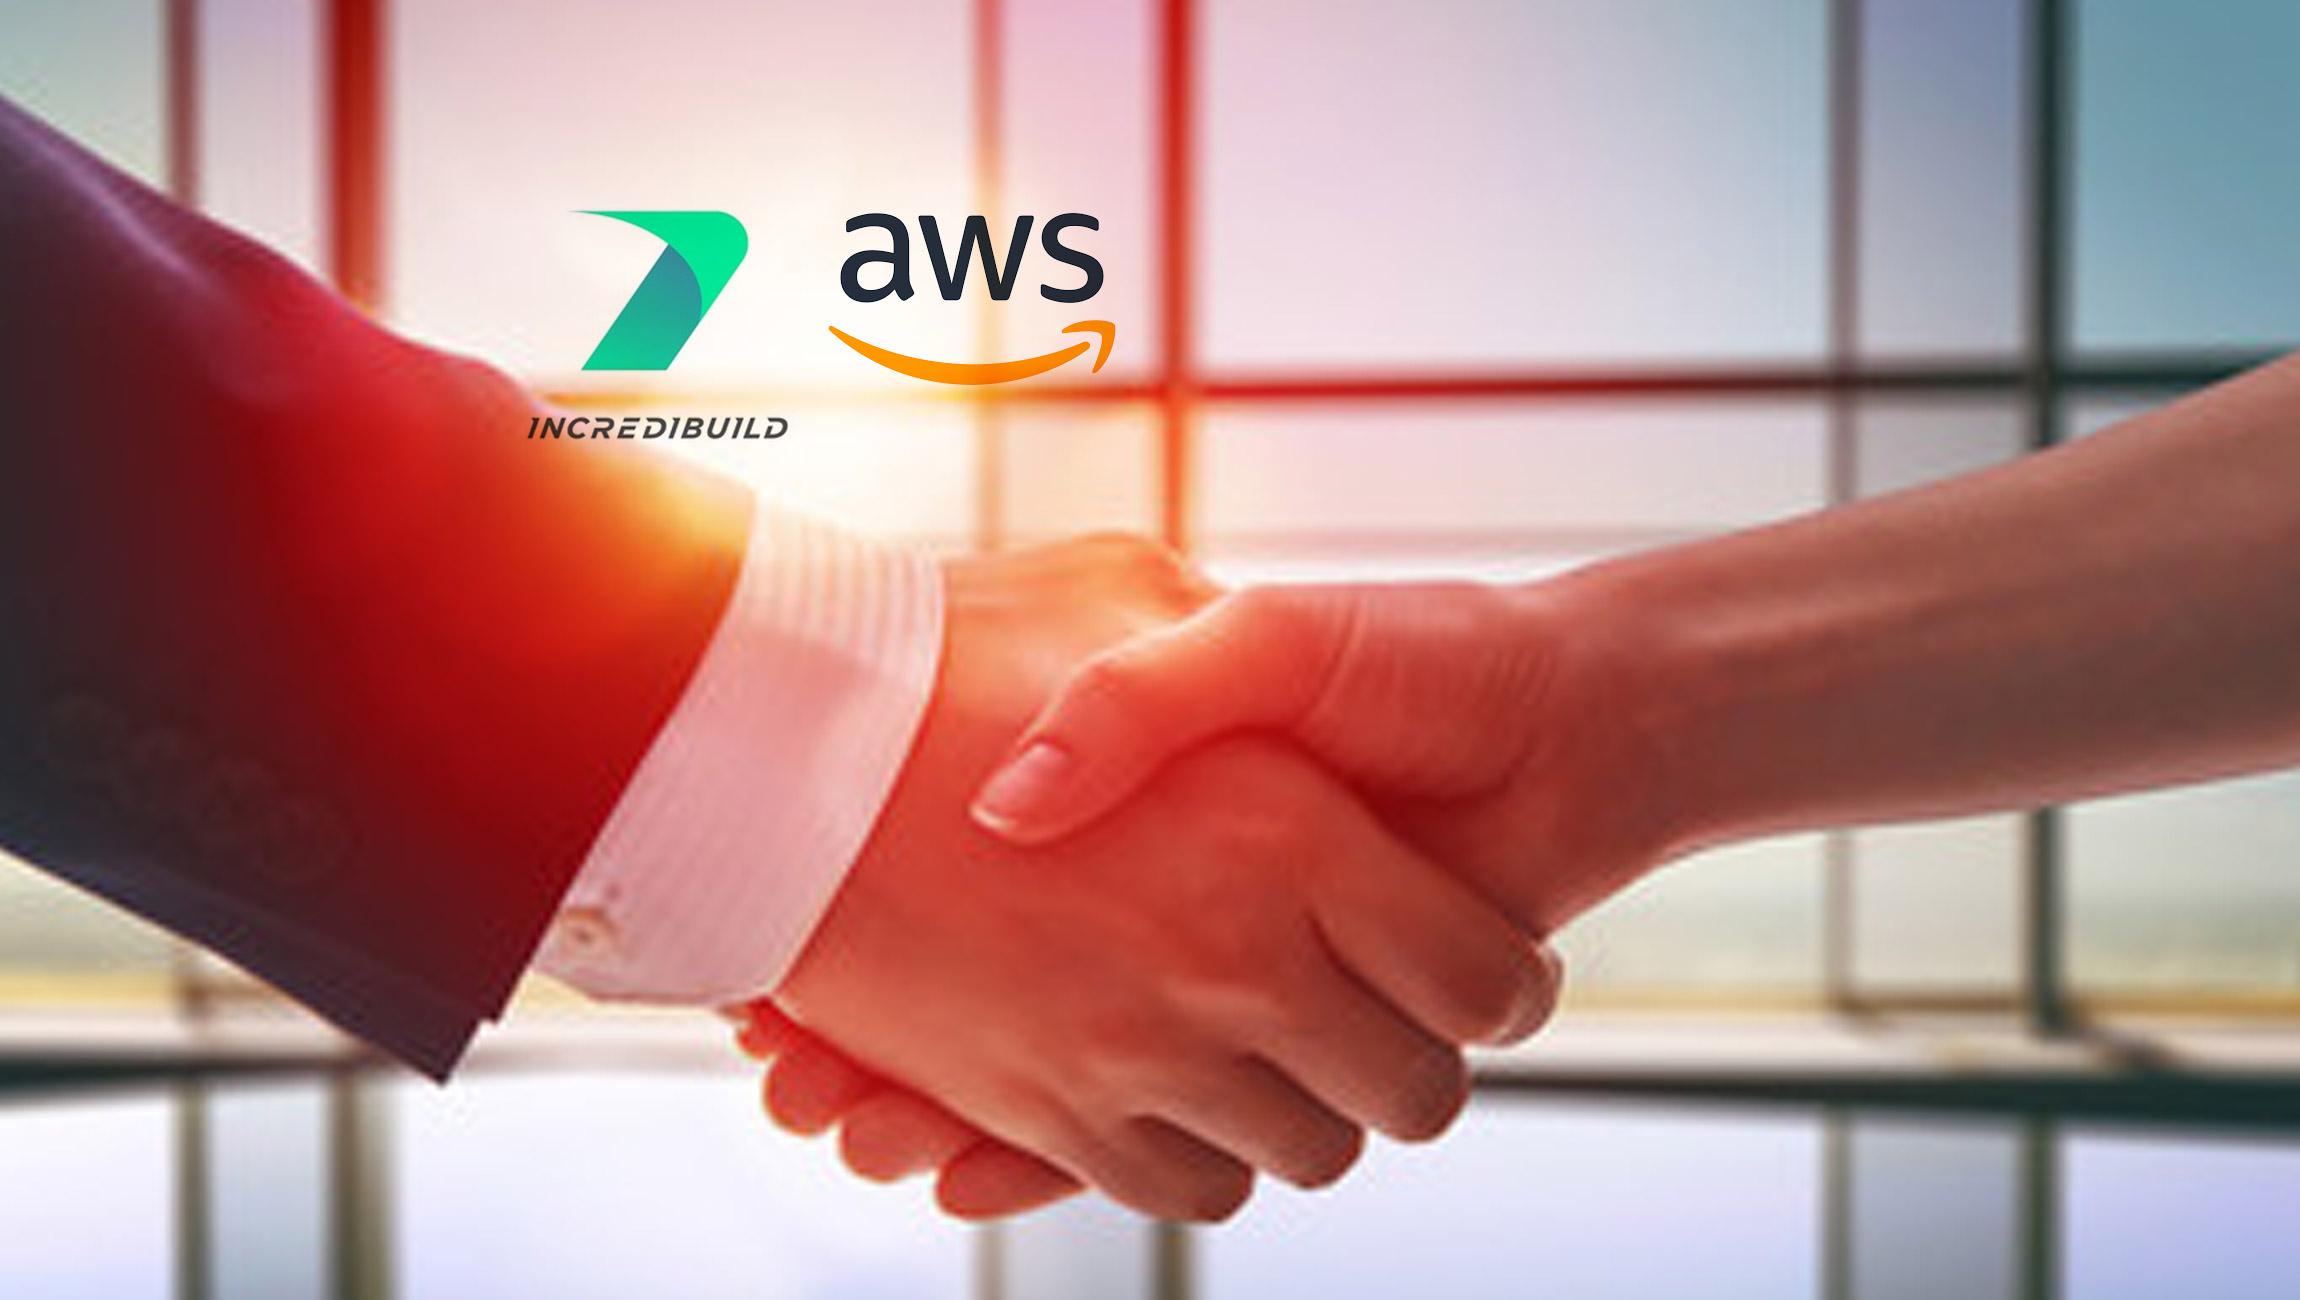 Incredibuild-Joins-AWS-ISV-Accelerate-Program